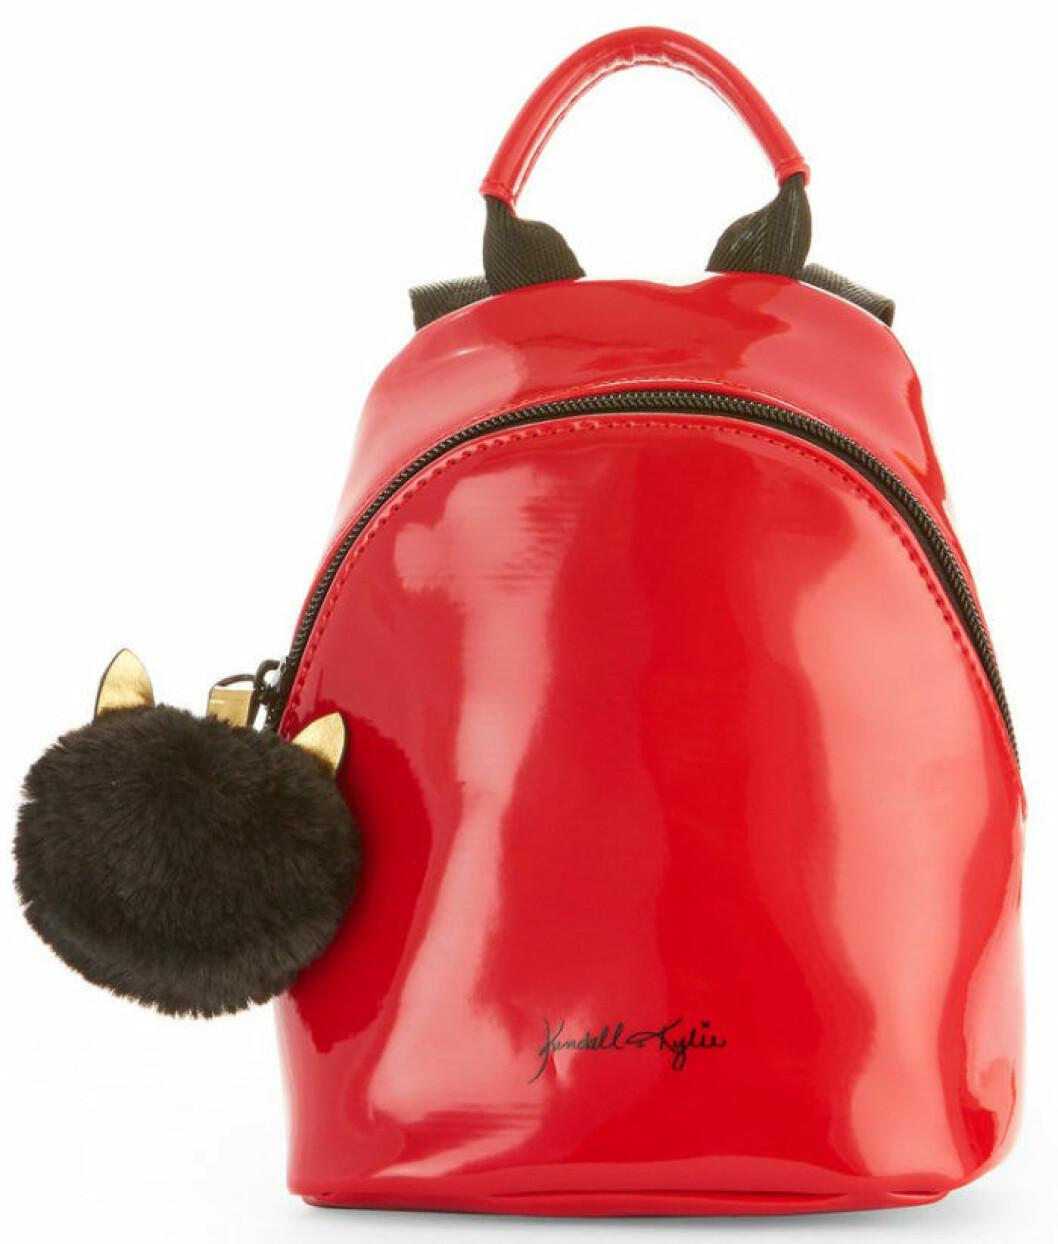 En bild på en liten ryggsäck i rött från Kendall och Kylie Jenners väskkollektion för Walmart.